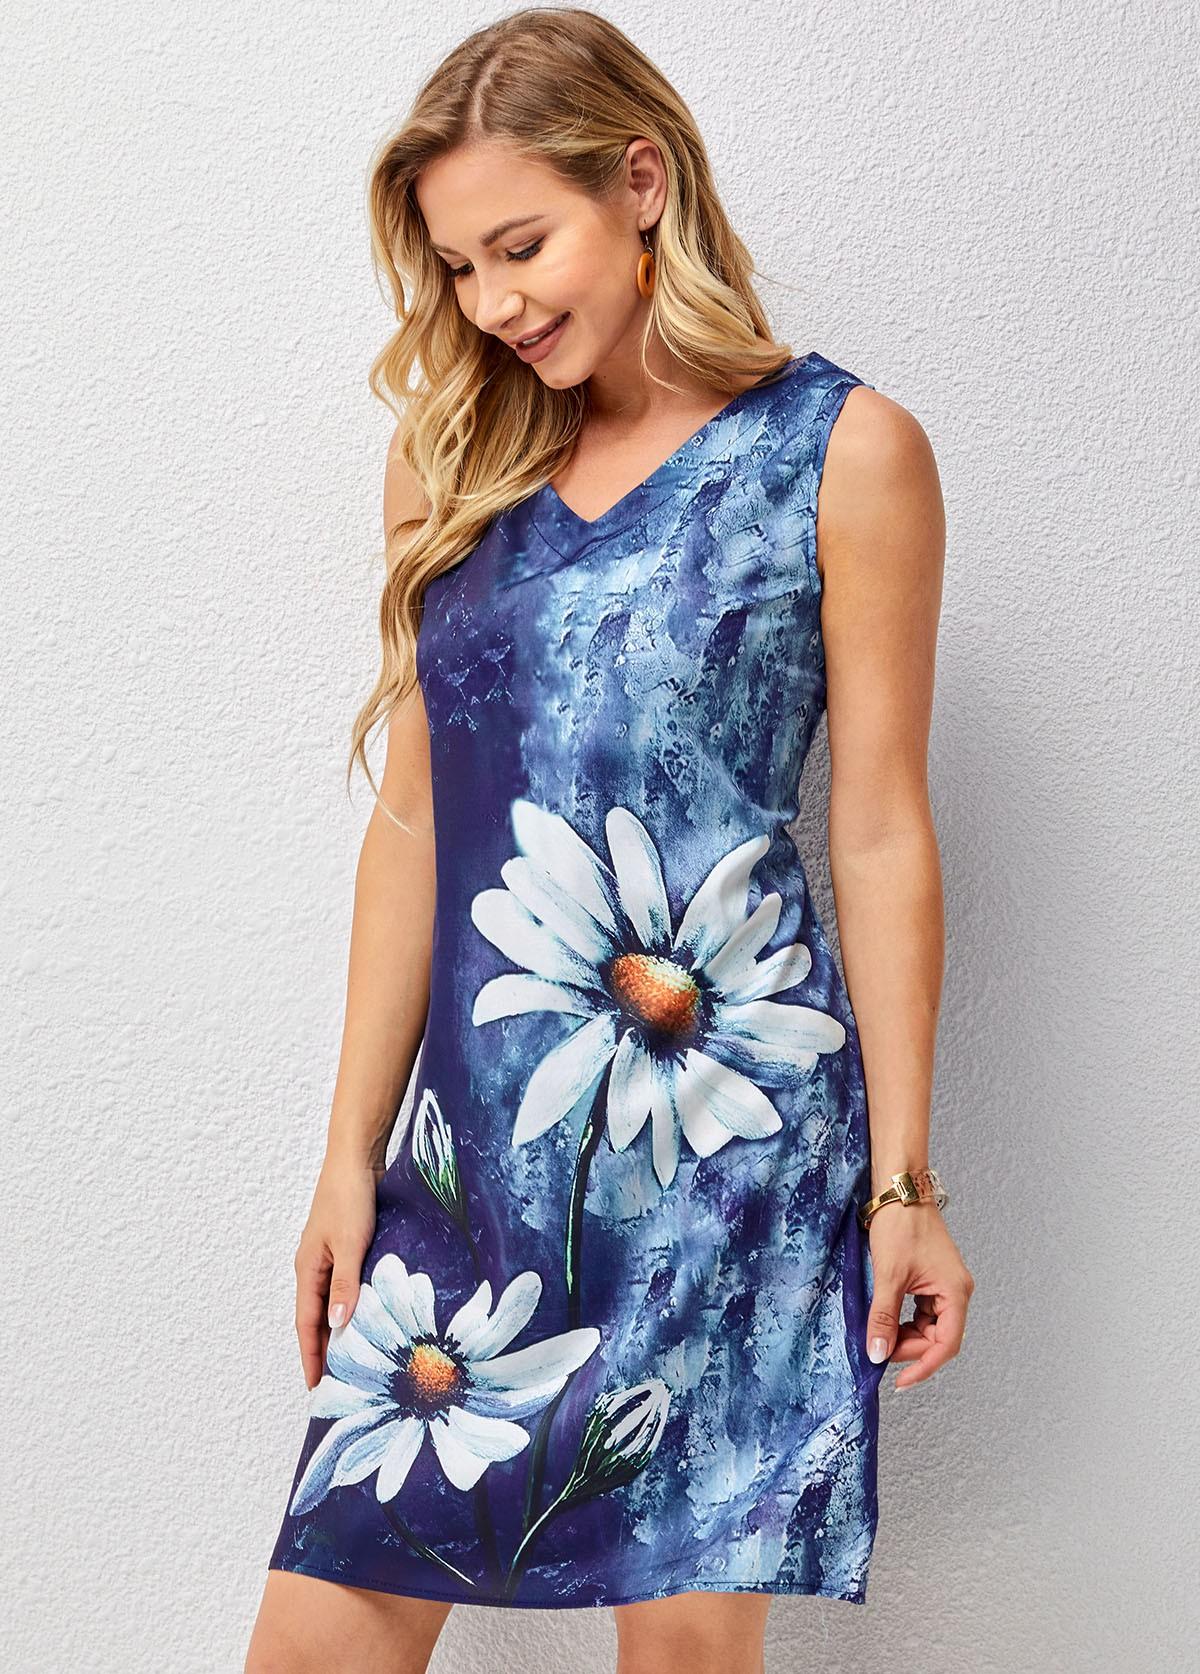 V Neck Floral Print Sleeveless Dress